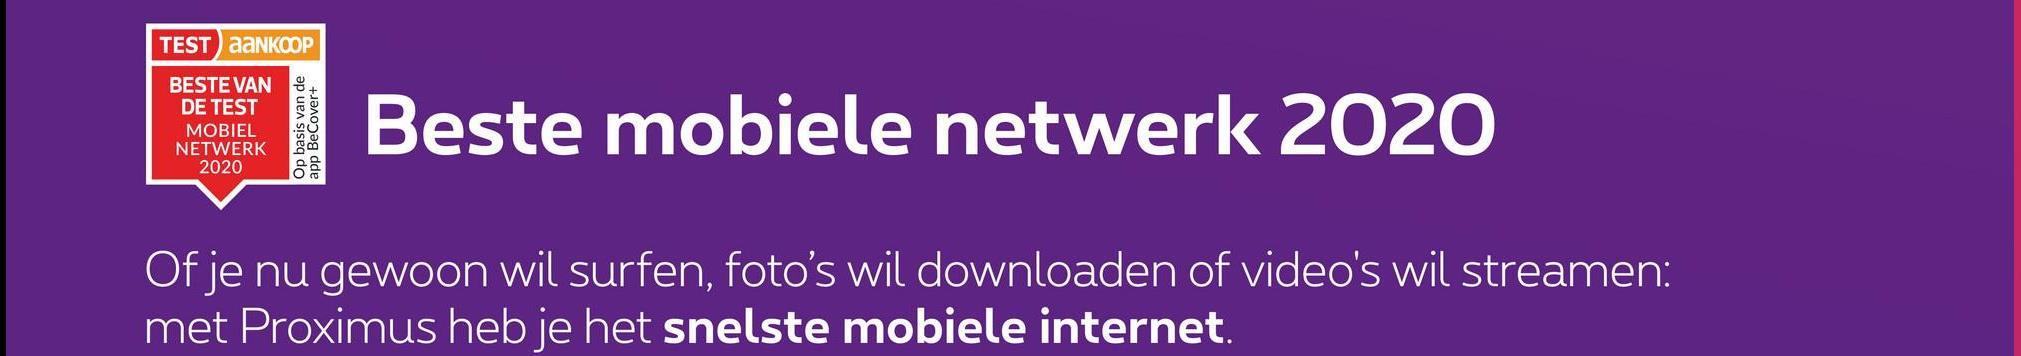 TEST aaNKOOP BESTE VAN DE TEST MOBIEL NETWERK 2020 Op basis van de BeCover+ Beste mobiele netwerk 2020 Of je nu gewoon wil surfen, foto's wil downloaden of video's wil streamen: met Proximus heb je het snelste mobiele internet.